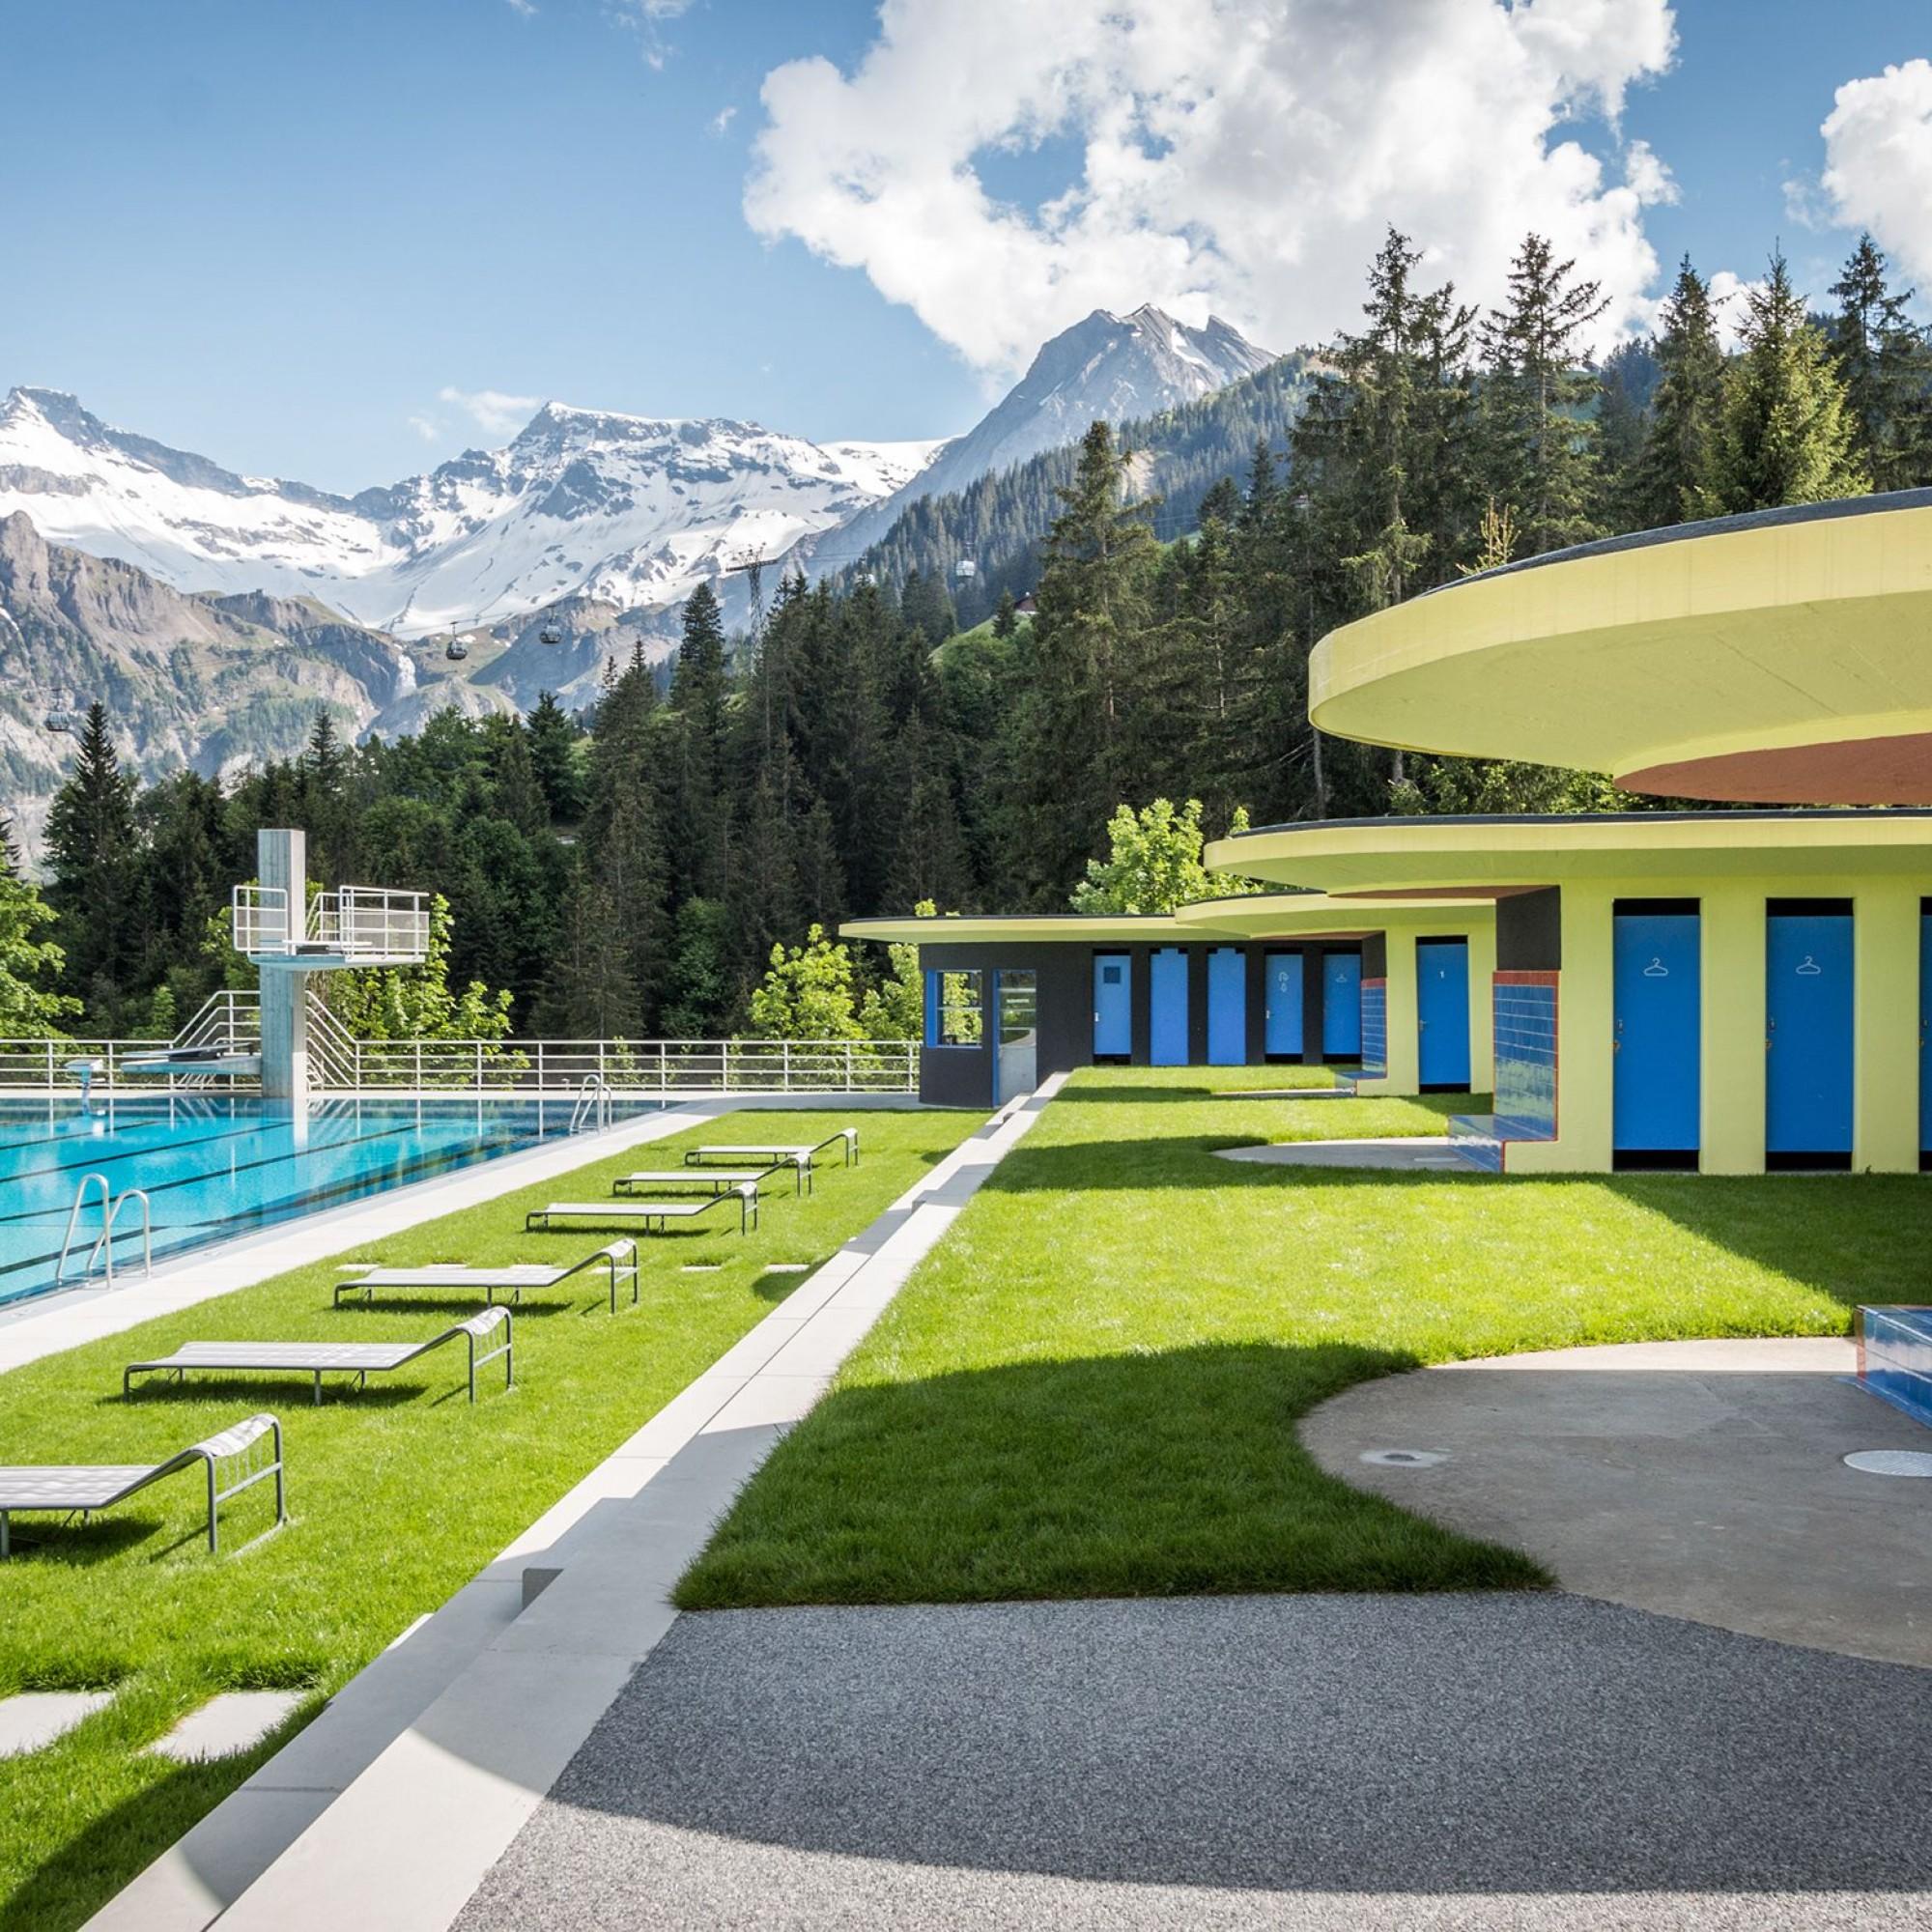 Strandbad Adelboden, Blick auf Becken, Liegeplätze un Garderoben.